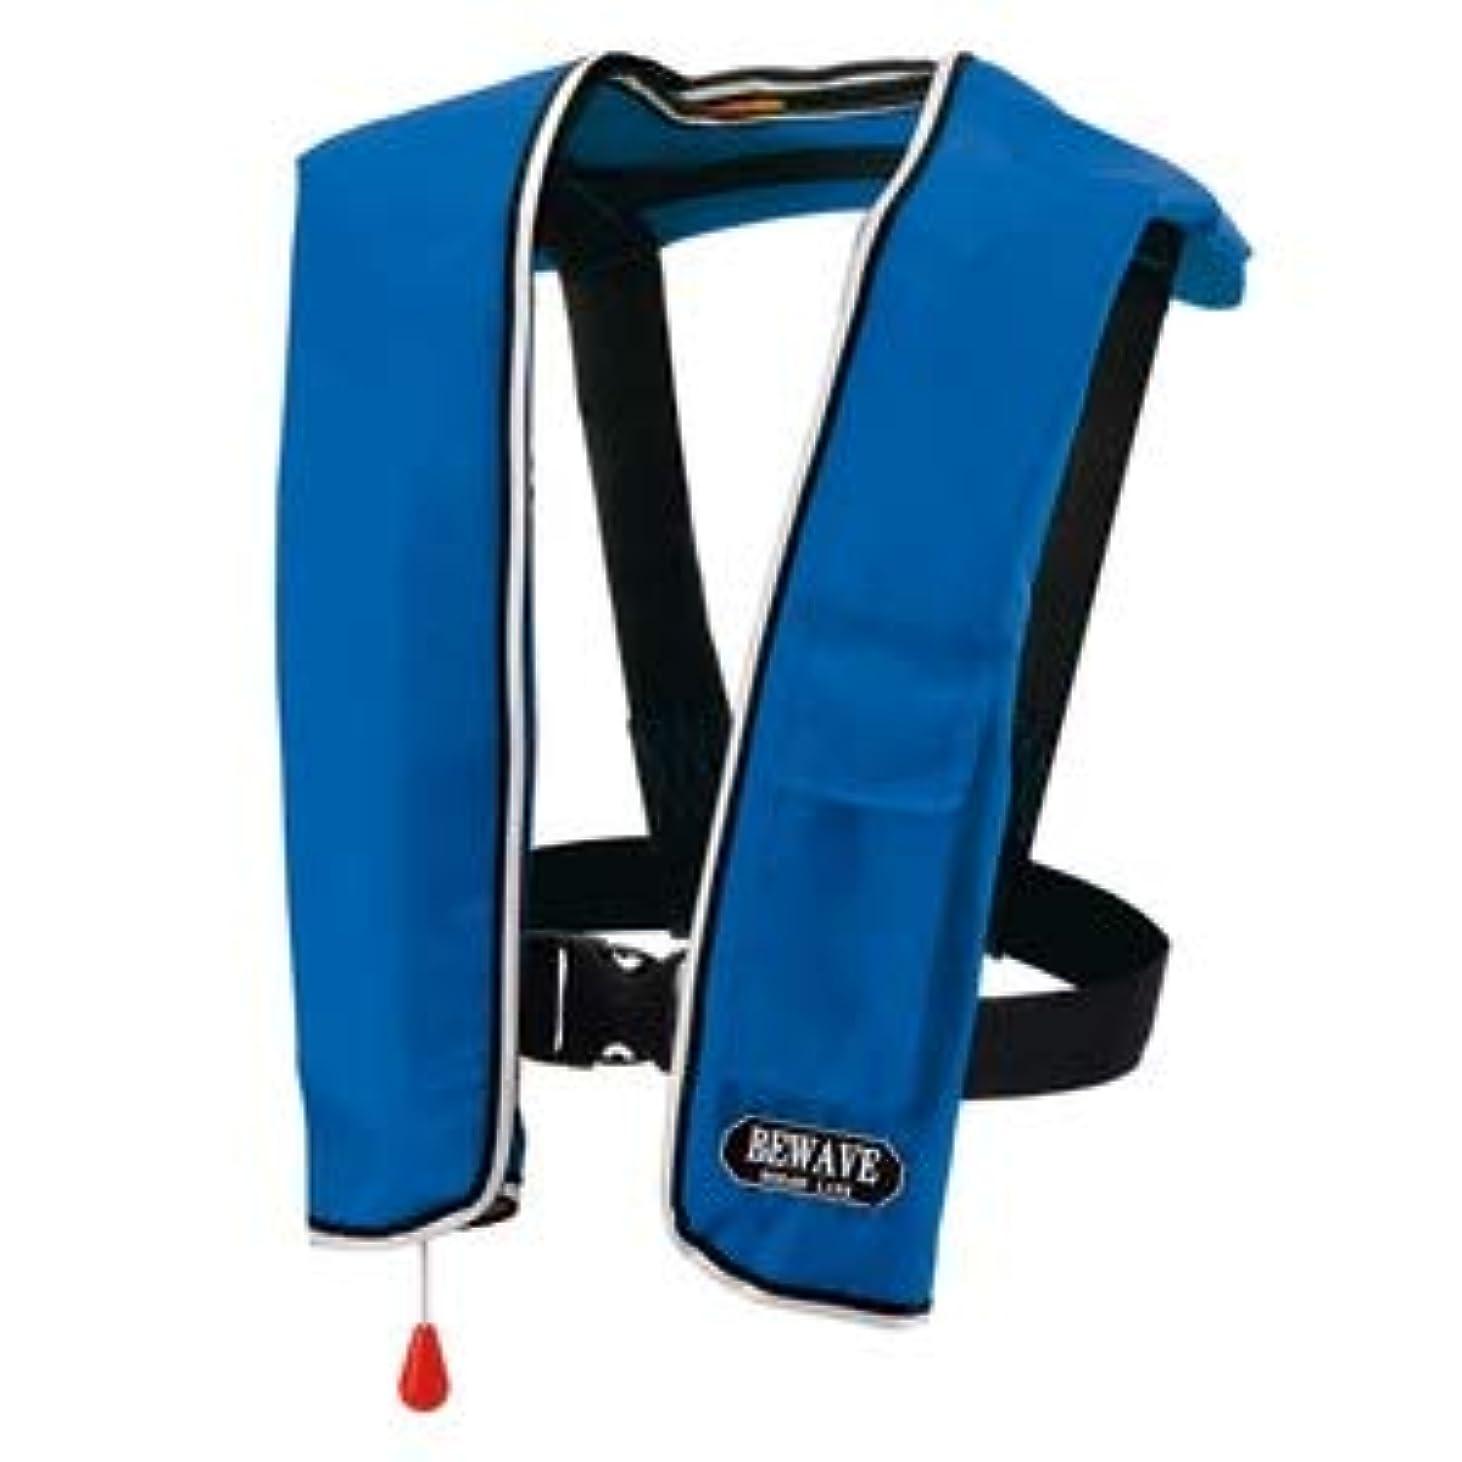 設置ジャグリング成熟ocean life(オーシャンライフ) 国土交通省型式承認ライフジャケット 自動膨脹ショルダー式 作業用 LG-1型 ブルー LG-1型 ブルー